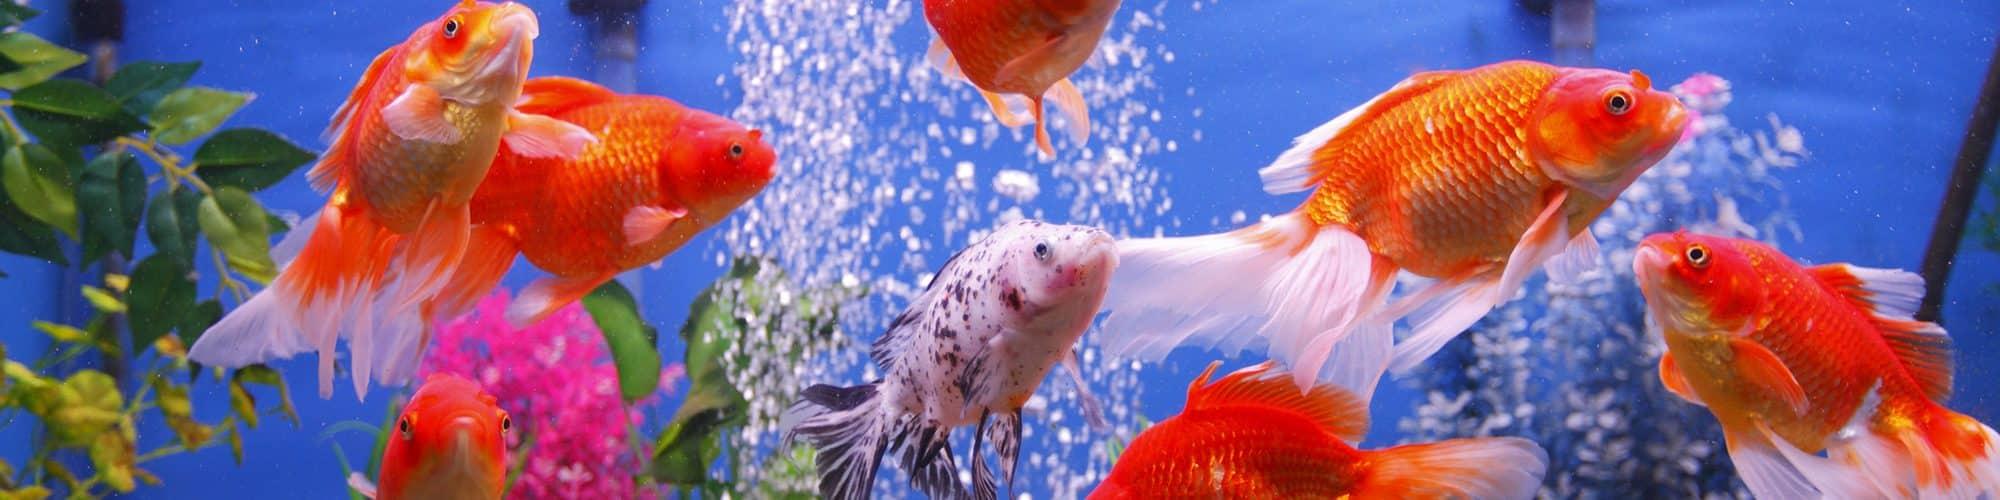 Сколько рыбок можно держать в аквариуме: 5, 10, 15, 20, 30, 40, 50, 60, 100, 150, 300, 1000 литров